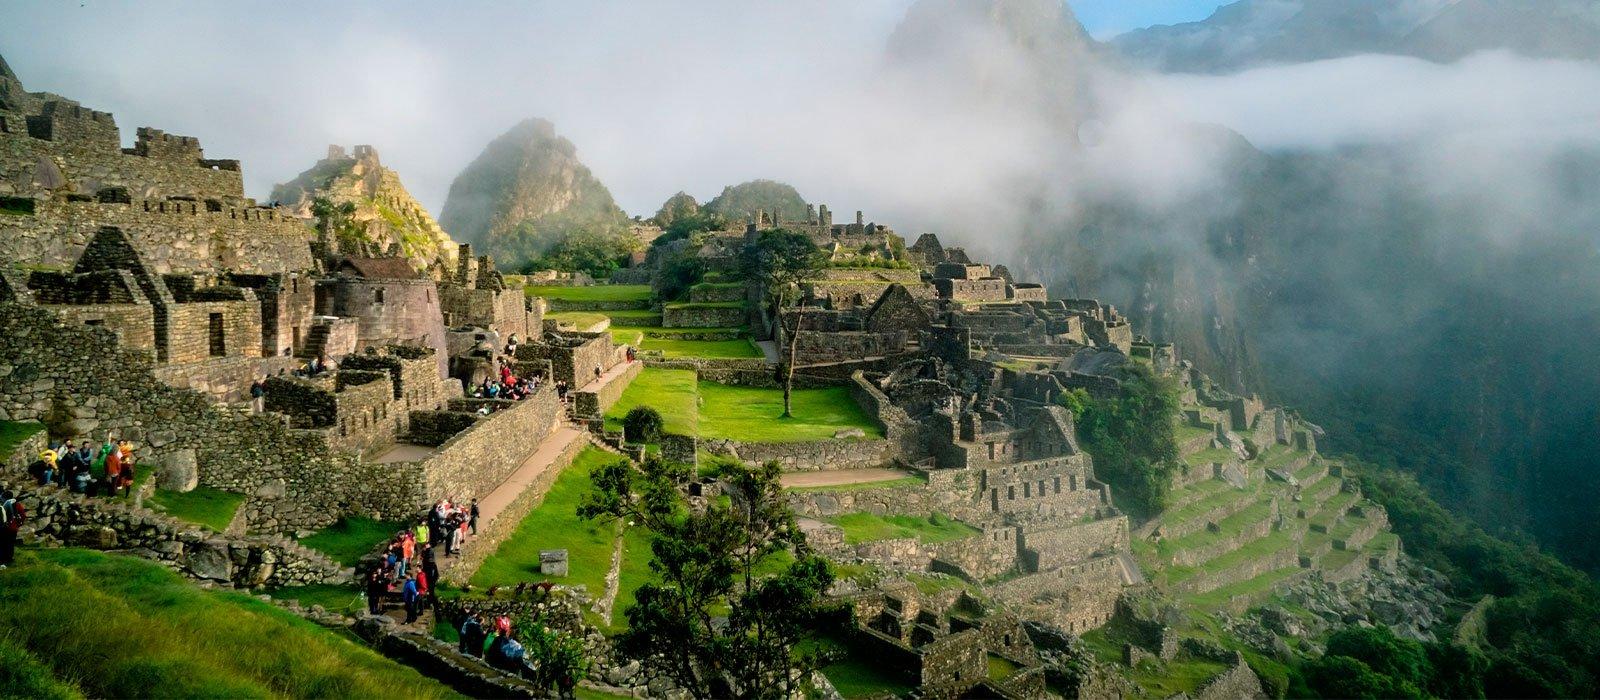 Machu Picchu in One